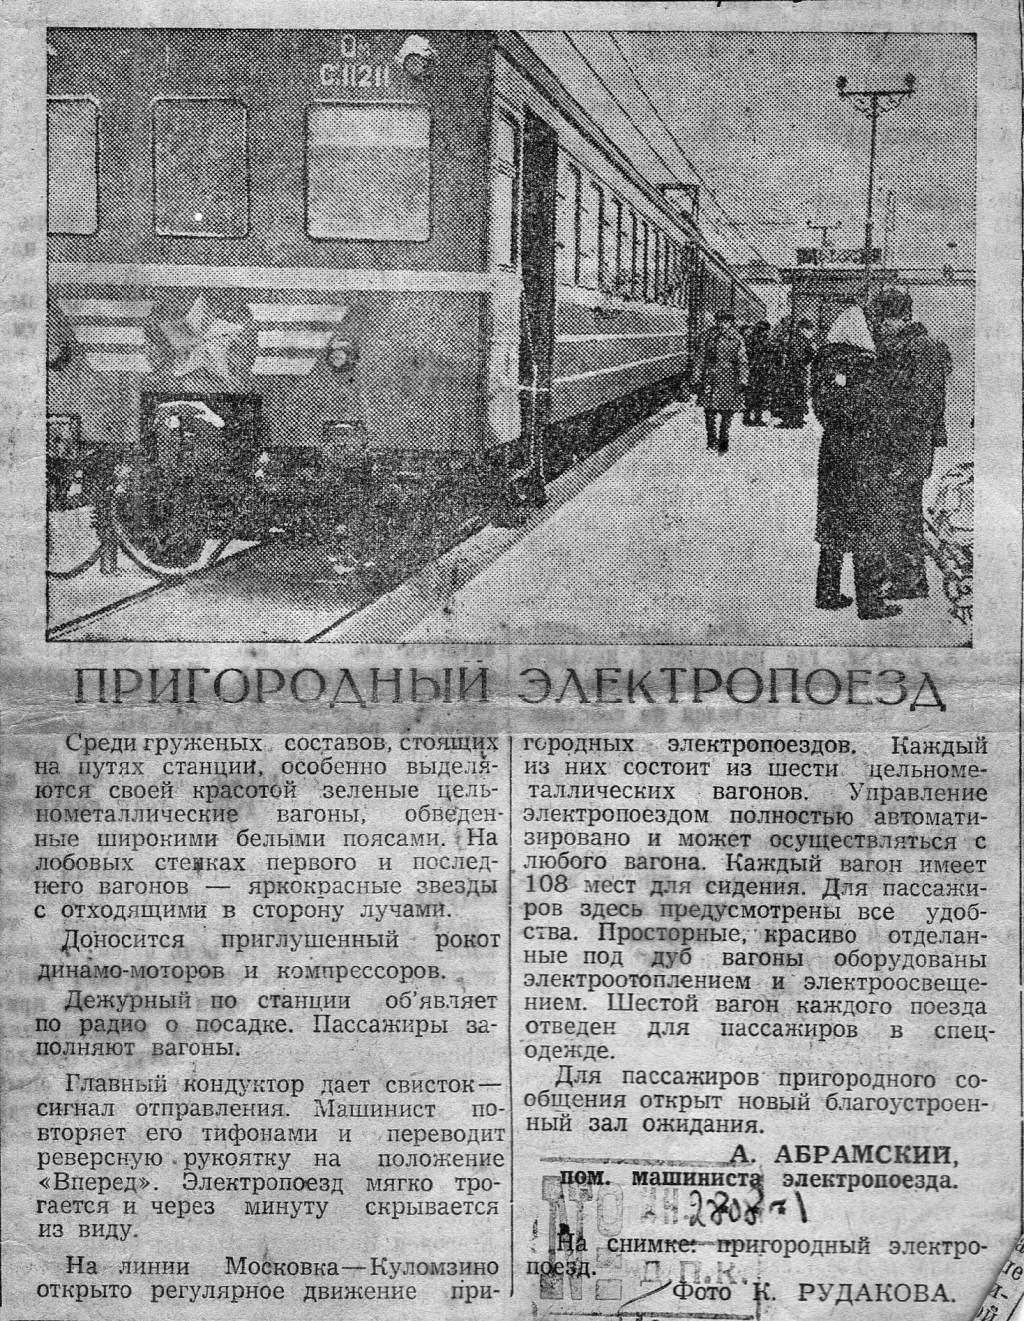 Ср3-1211, из газеты Омская правда